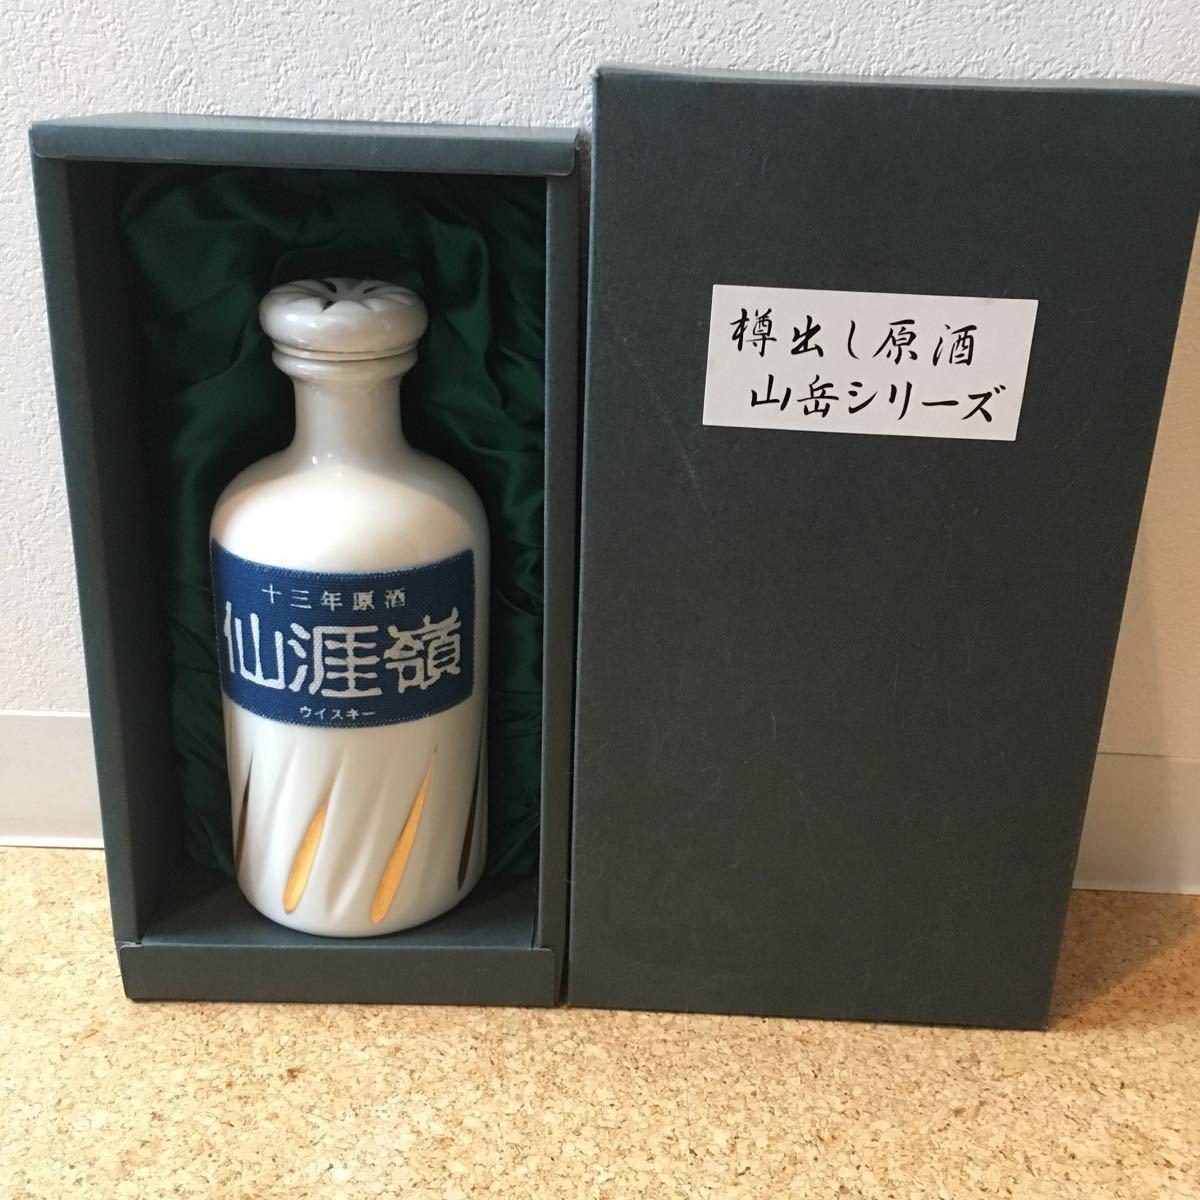 【幻】信州マルス シングルカスク 越百山 樽出し原酒 山岳シリーズ ウイスキー